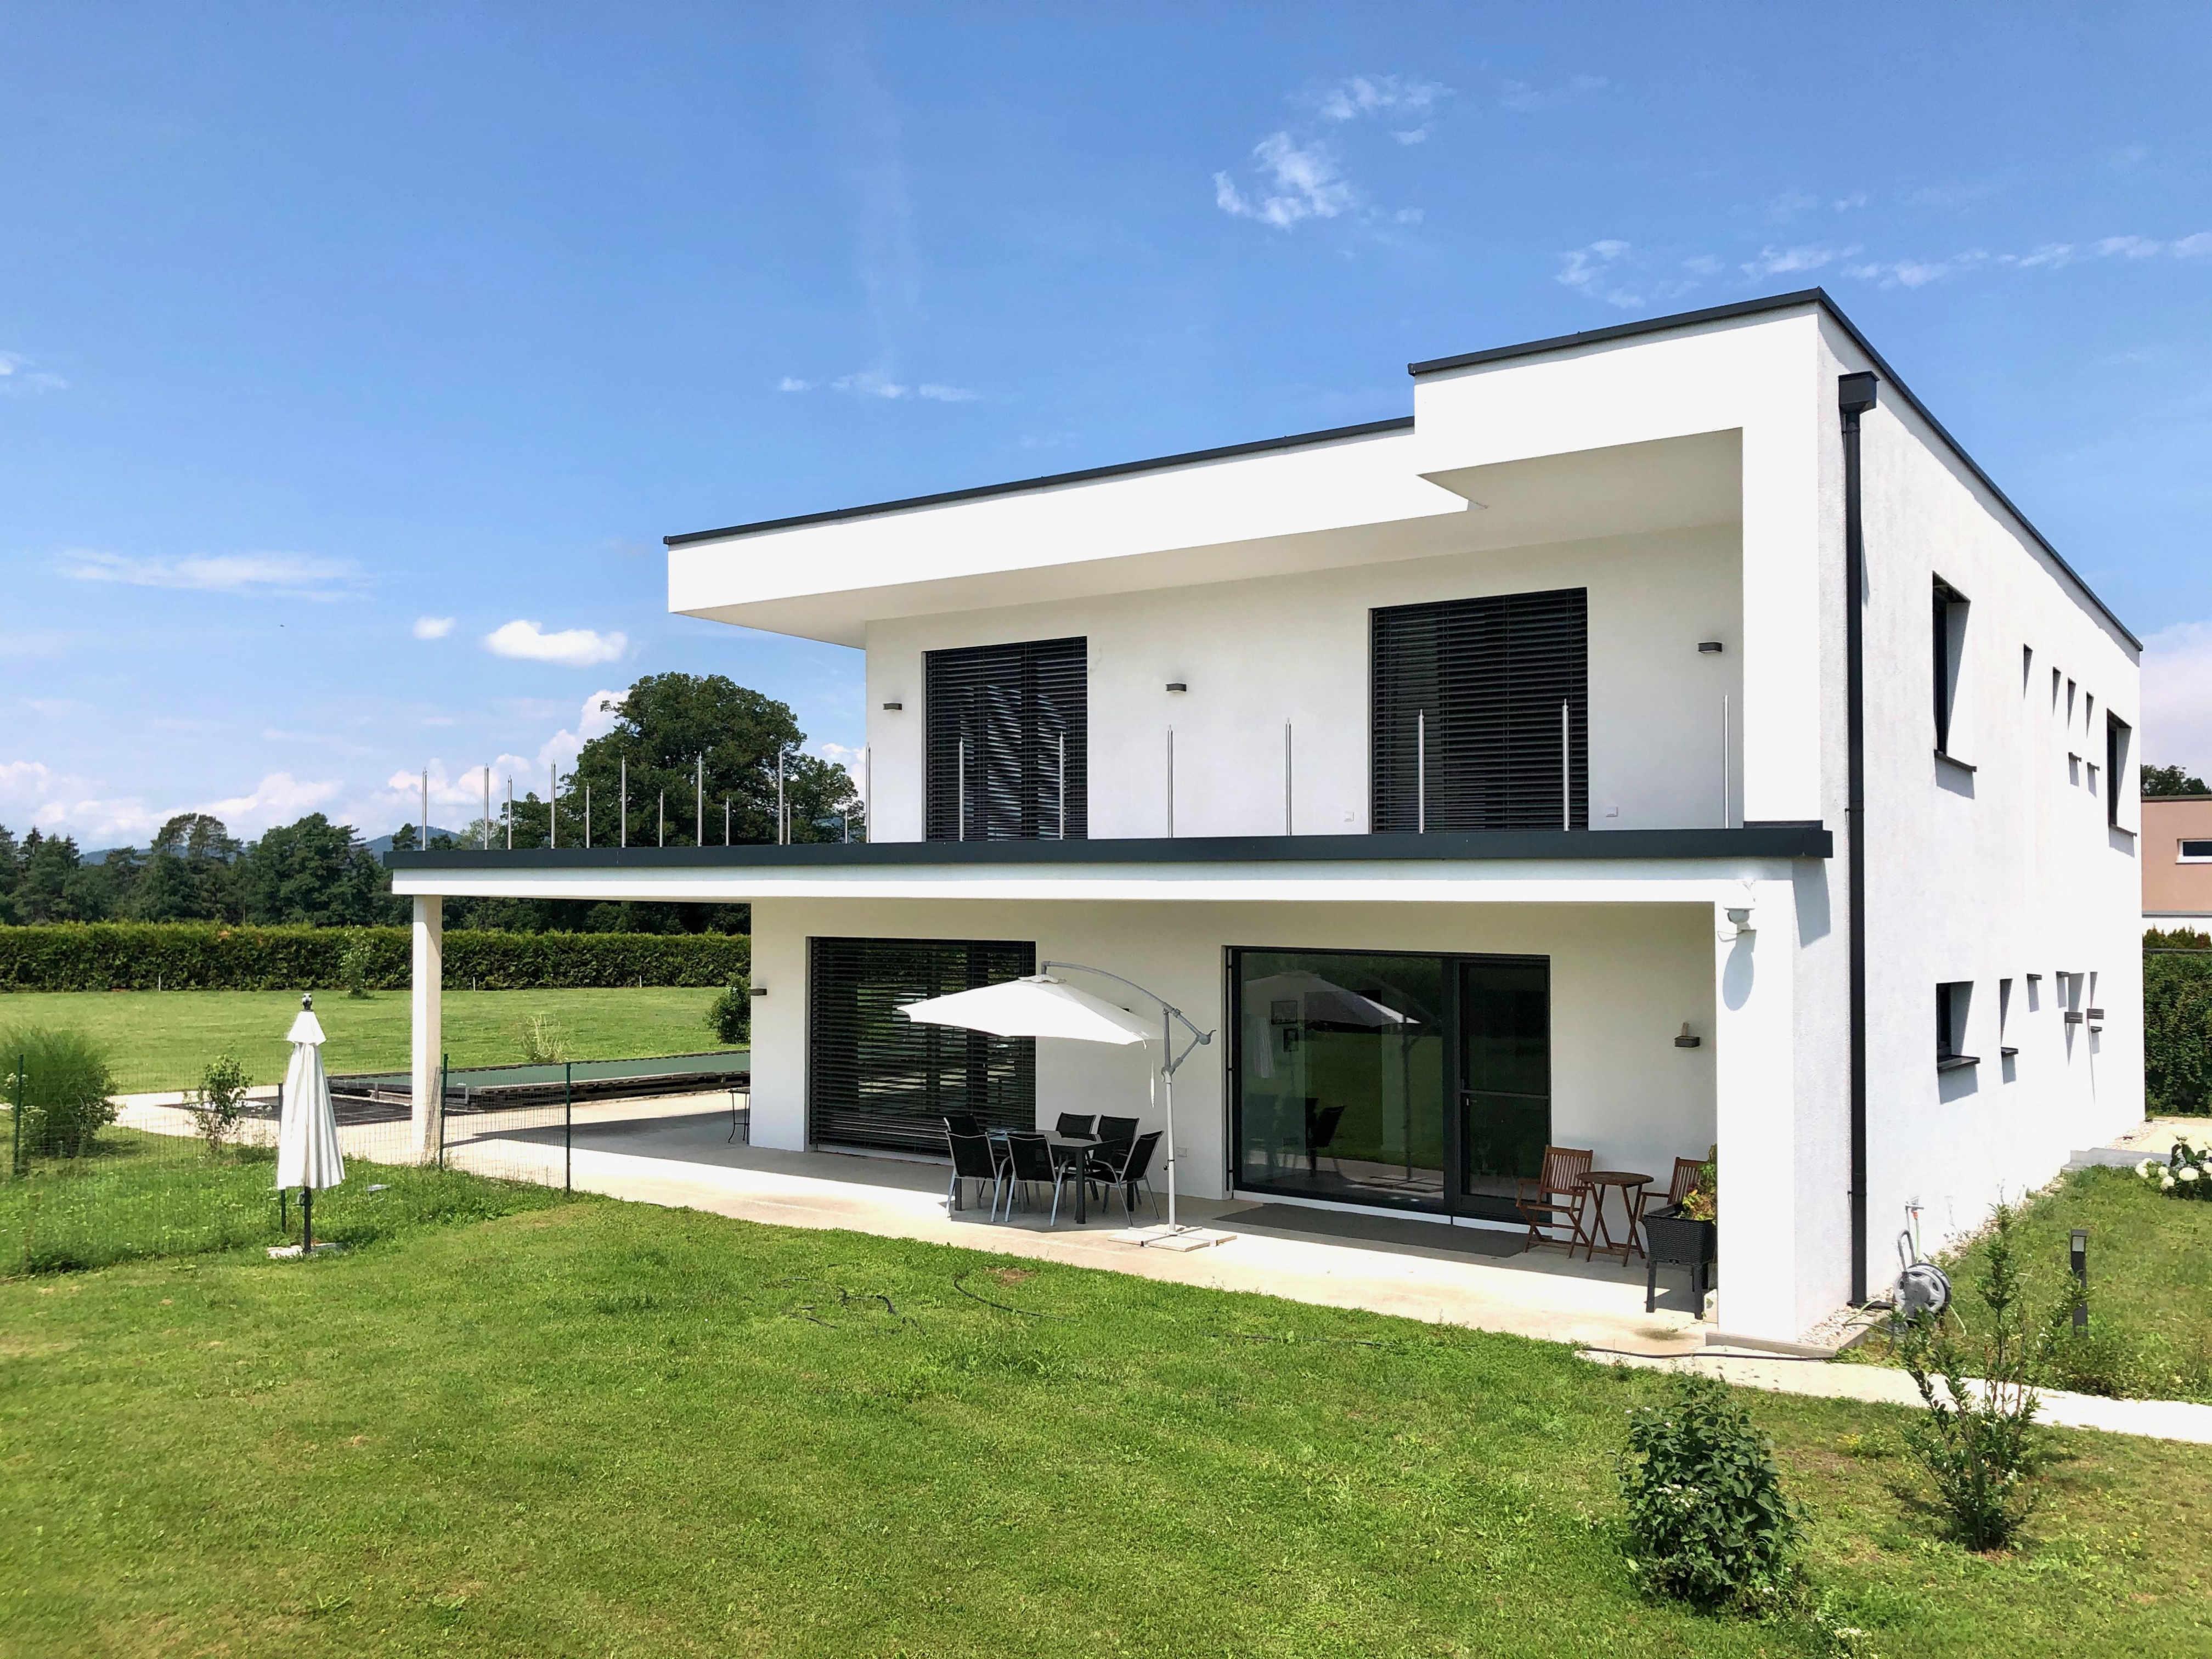 Kauf - Modernes Einfamilienhaus